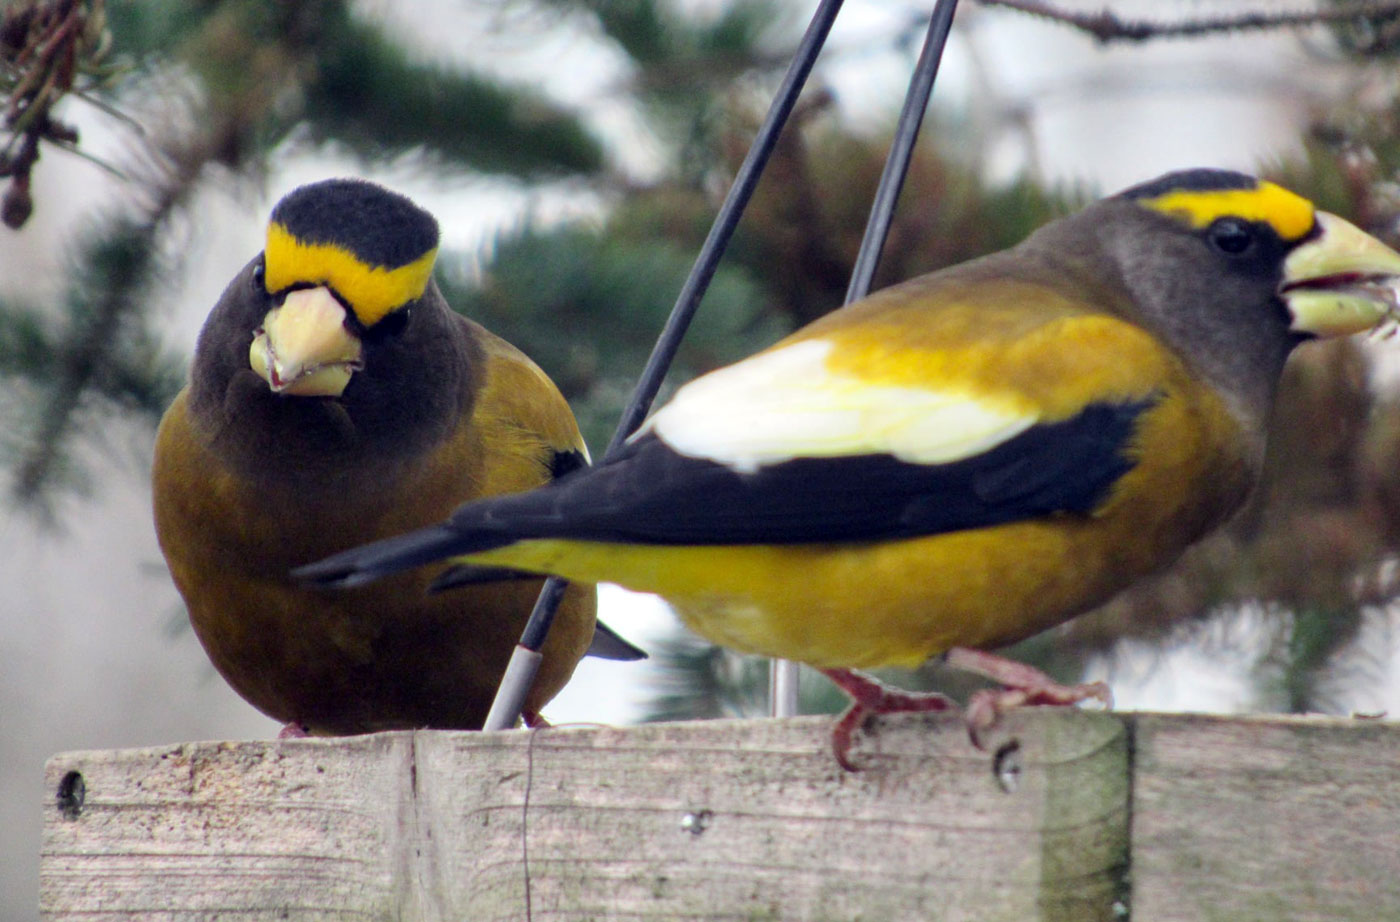 birds at platform feeder